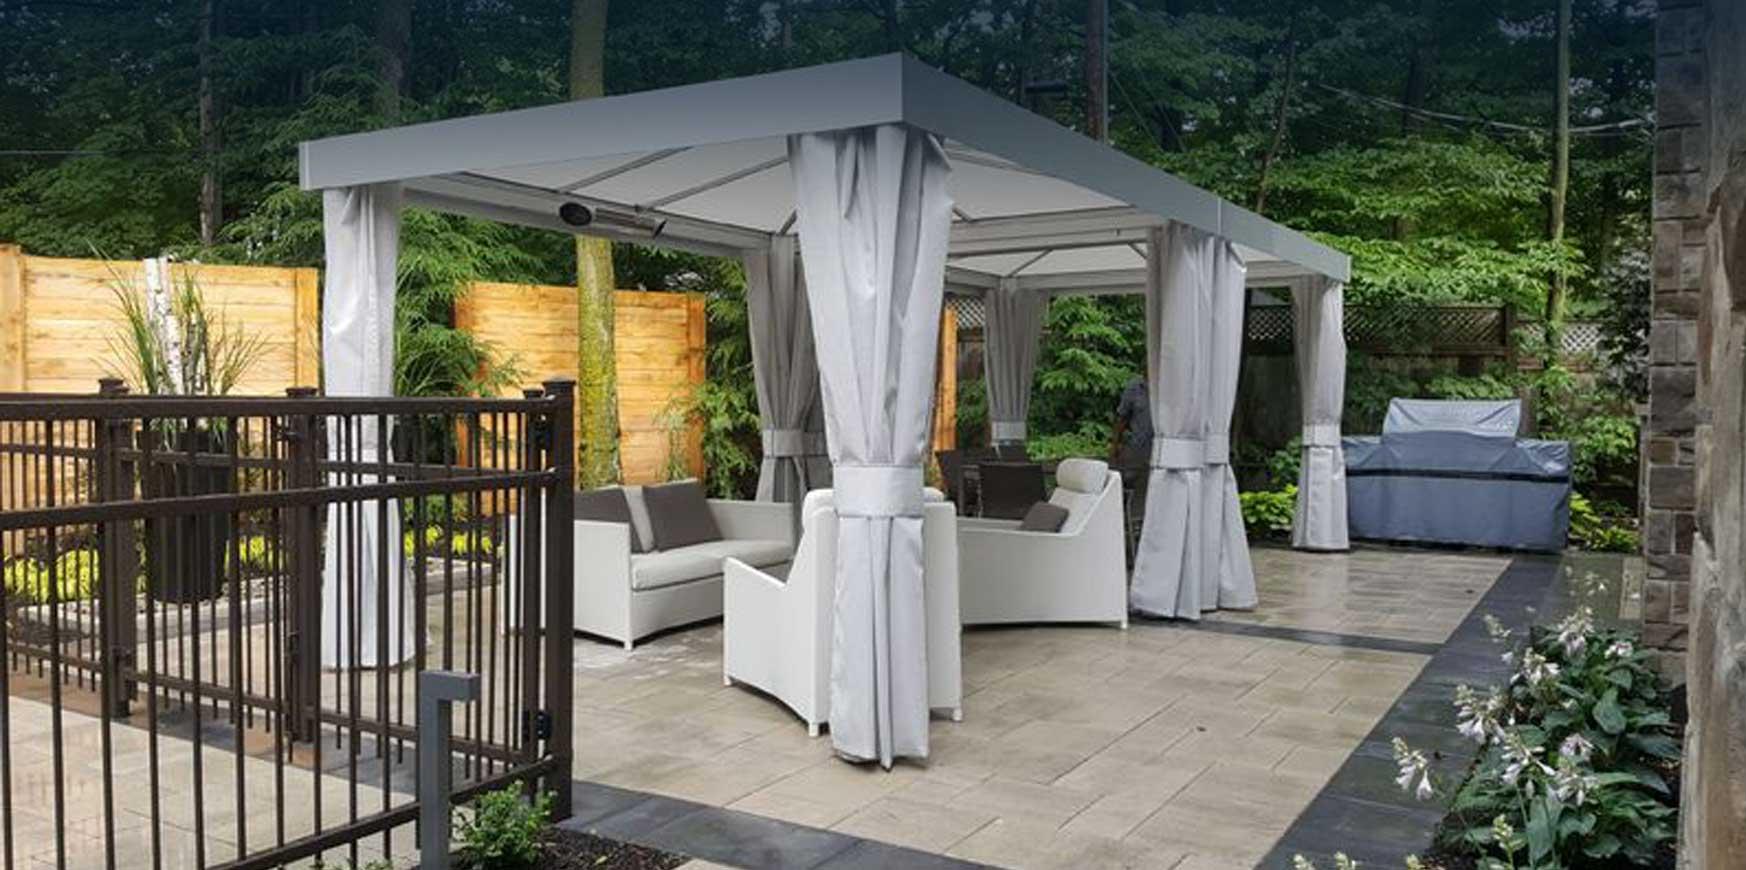 Installation Jm: Spécialiste Auvent Et Abri De Jardin avec Abri De Jardin Toile